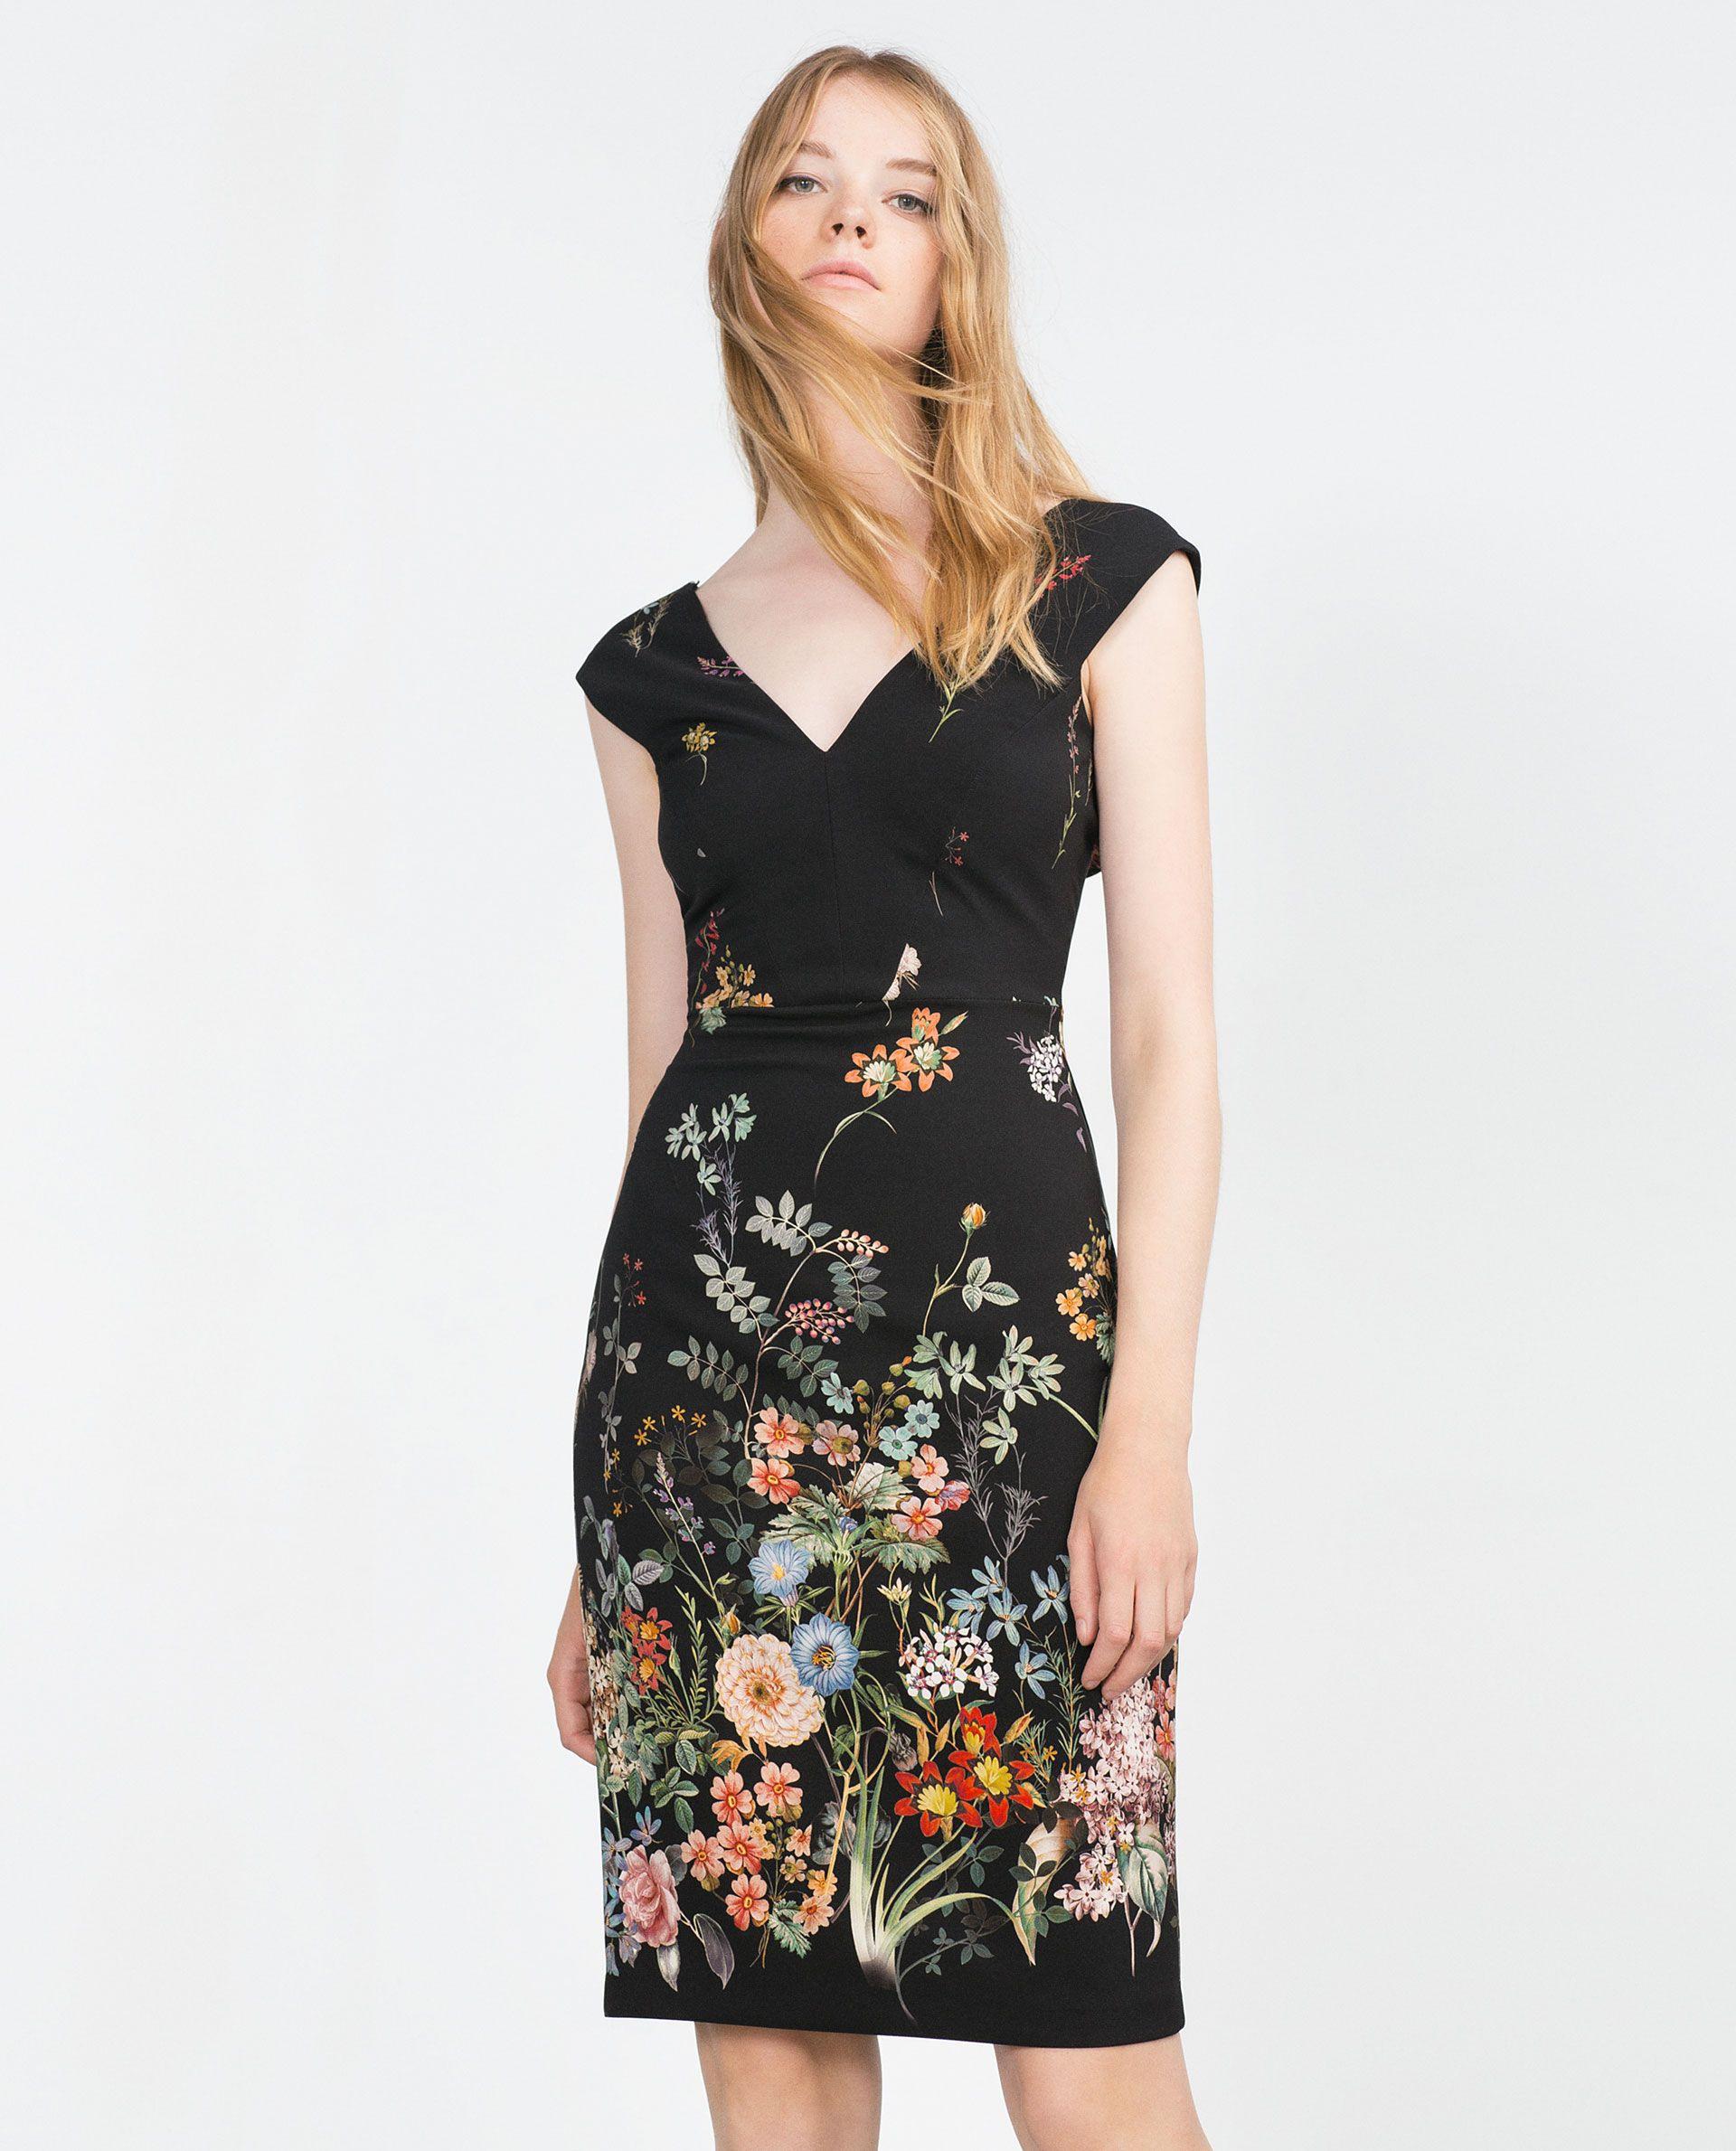 X Figurbetontes Kleid  Alles Anzeigen  Kleider  Damen